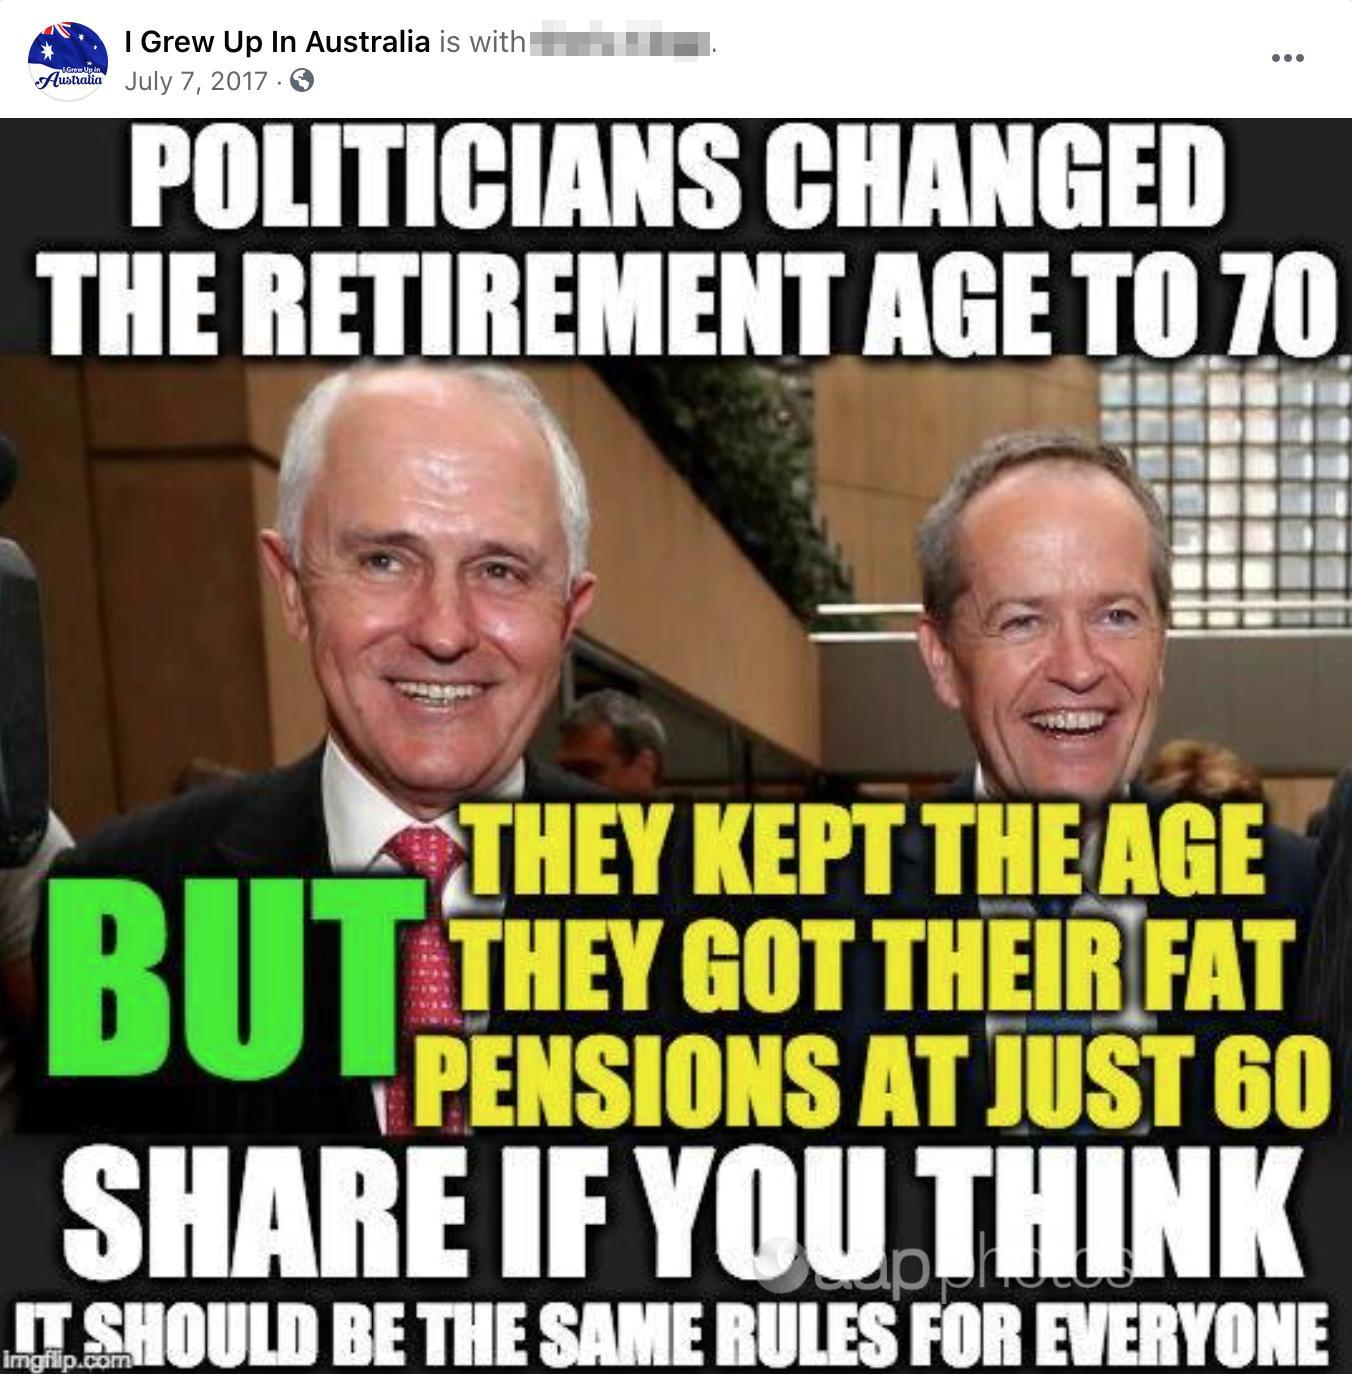 A meme about politicians' pensions